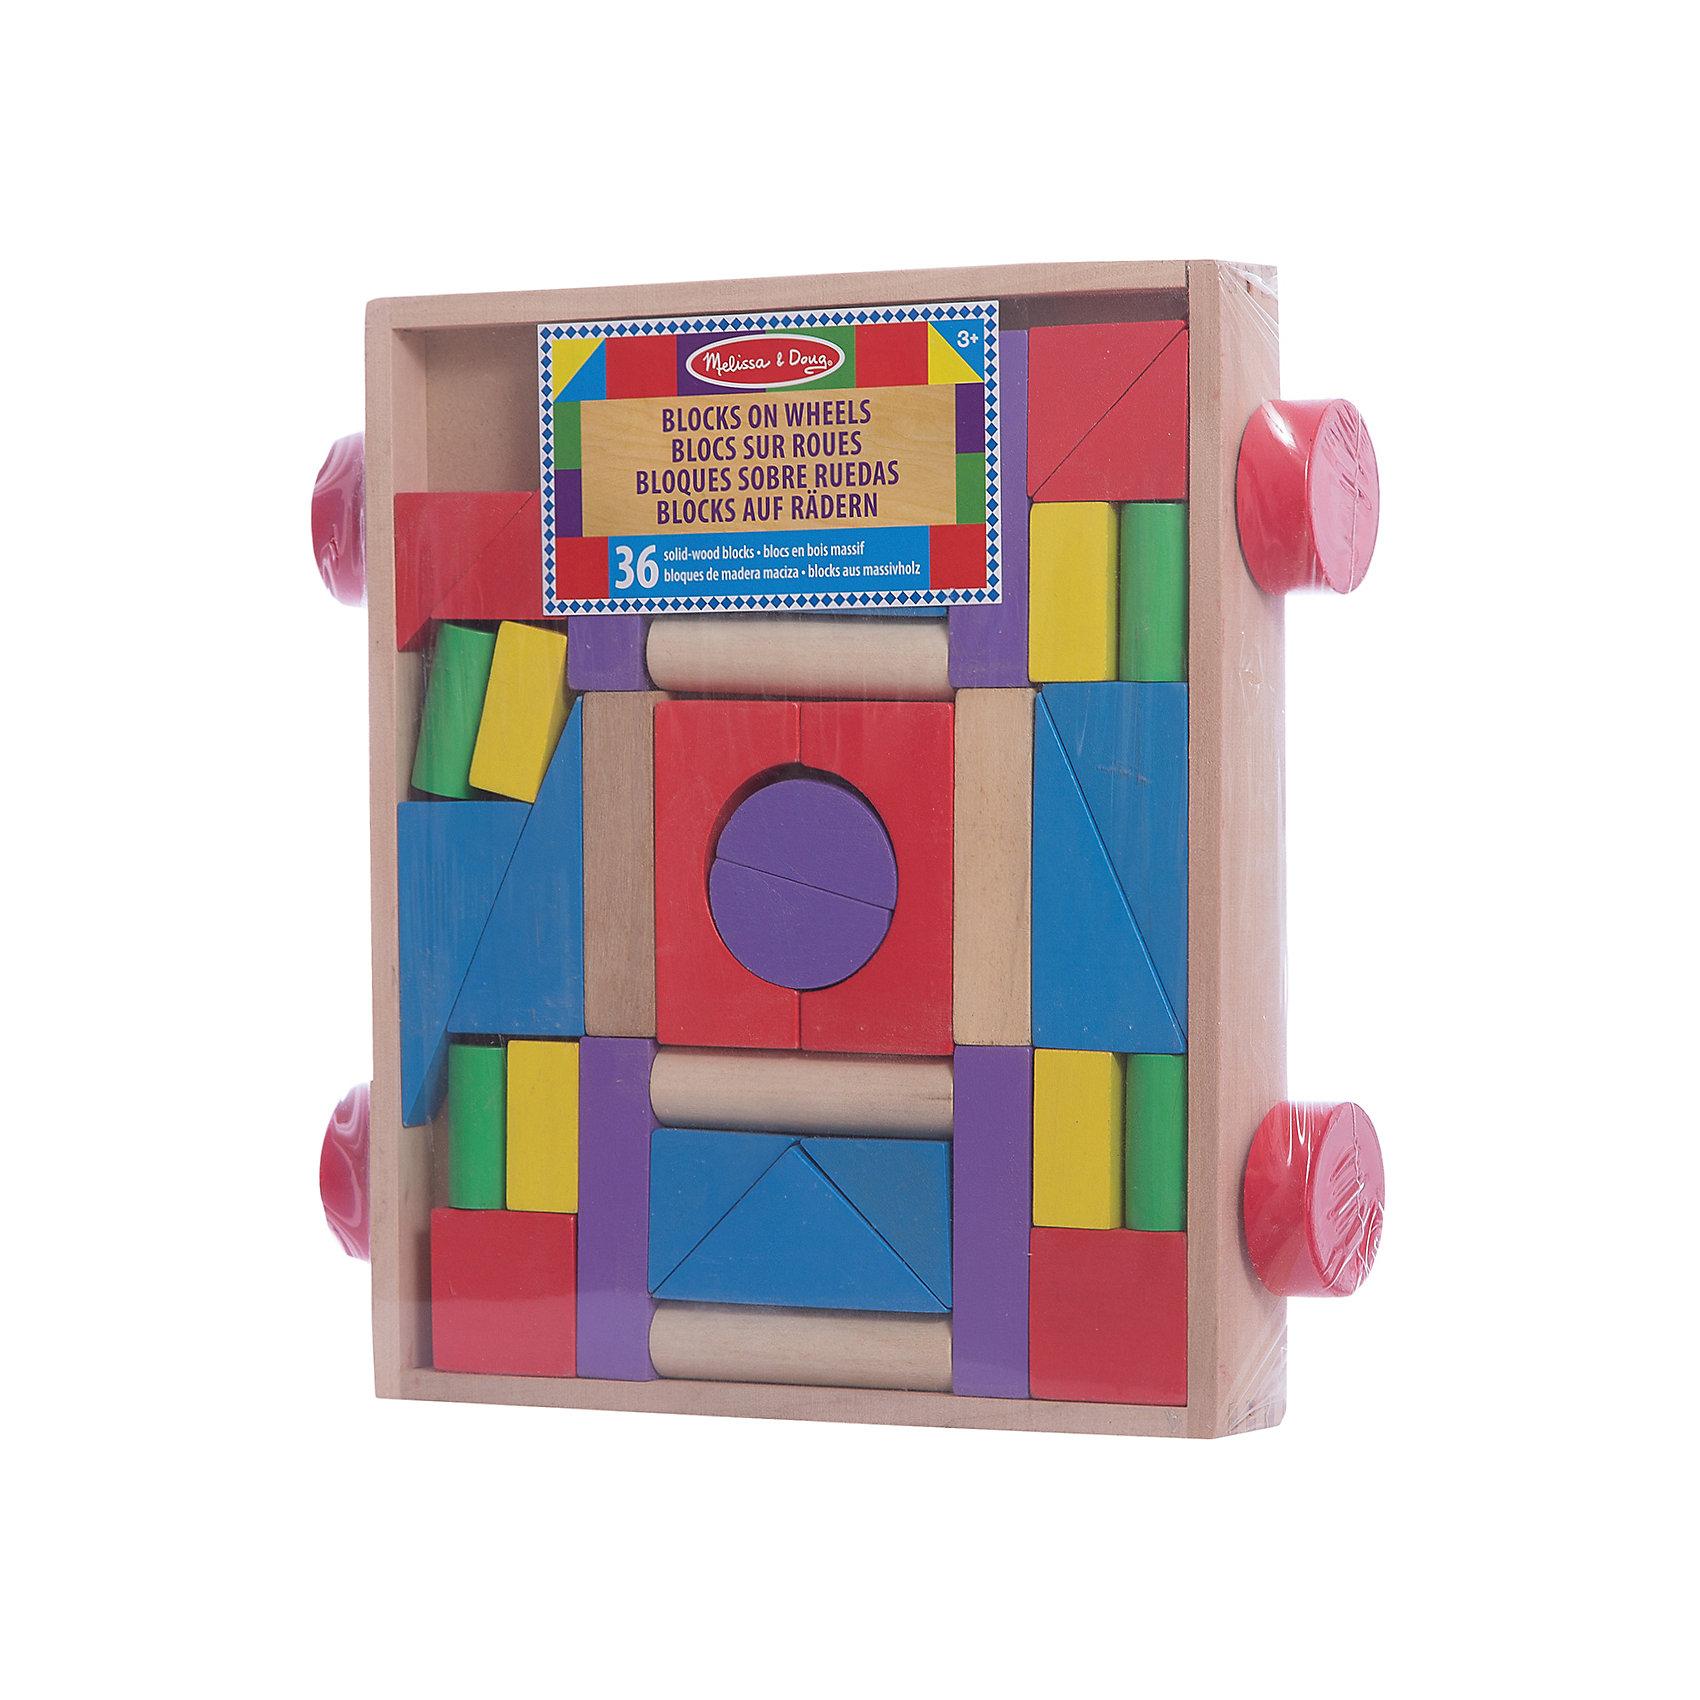 Конструктор в тележке, Melissa &amp; DougКонструктор в тележке, Melissa &amp; Doug (Мелисса и Даг) – это деревянный конструктор для детей от 2-х лет.<br>Яркие цвета этих 36 деревянных блоков разных форм, объемов и цветов непременно вдохновят вашего ребенка на строительство домиков, замков и крепостей. Все блоки аккуратно помещаются в прочную деревянную тележку на колесиках, которую можно возить на веревочке. Этот конструктор станет прекрасным помощником Вашему маленькому строителю в развитии зрительного восприятия и мелкой моторики. Игрушка сделана из высококачественной древесины и окрашена совершенно безопасными для малышей яркими красками.<br><br>Дополнительная информация:<br><br>- Рекомендуется детям от 2 лет<br>- Количество элементов: 36<br>- Материал: дерево<br>- Размер упаковки: 33х32х7 см.<br>- Вес: 1676 гр.<br><br>Конструктор в тележке, Melissa &amp; Doug (Мелисса и Даг) можно купить в нашем интернет-магазине.<br><br>Ширина мм: 700<br>Глубина мм: 330<br>Высота мм: 320<br>Вес г: 1676<br>Возраст от месяцев: 24<br>Возраст до месяцев: 84<br>Пол: Унисекс<br>Возраст: Детский<br>SKU: 4005806